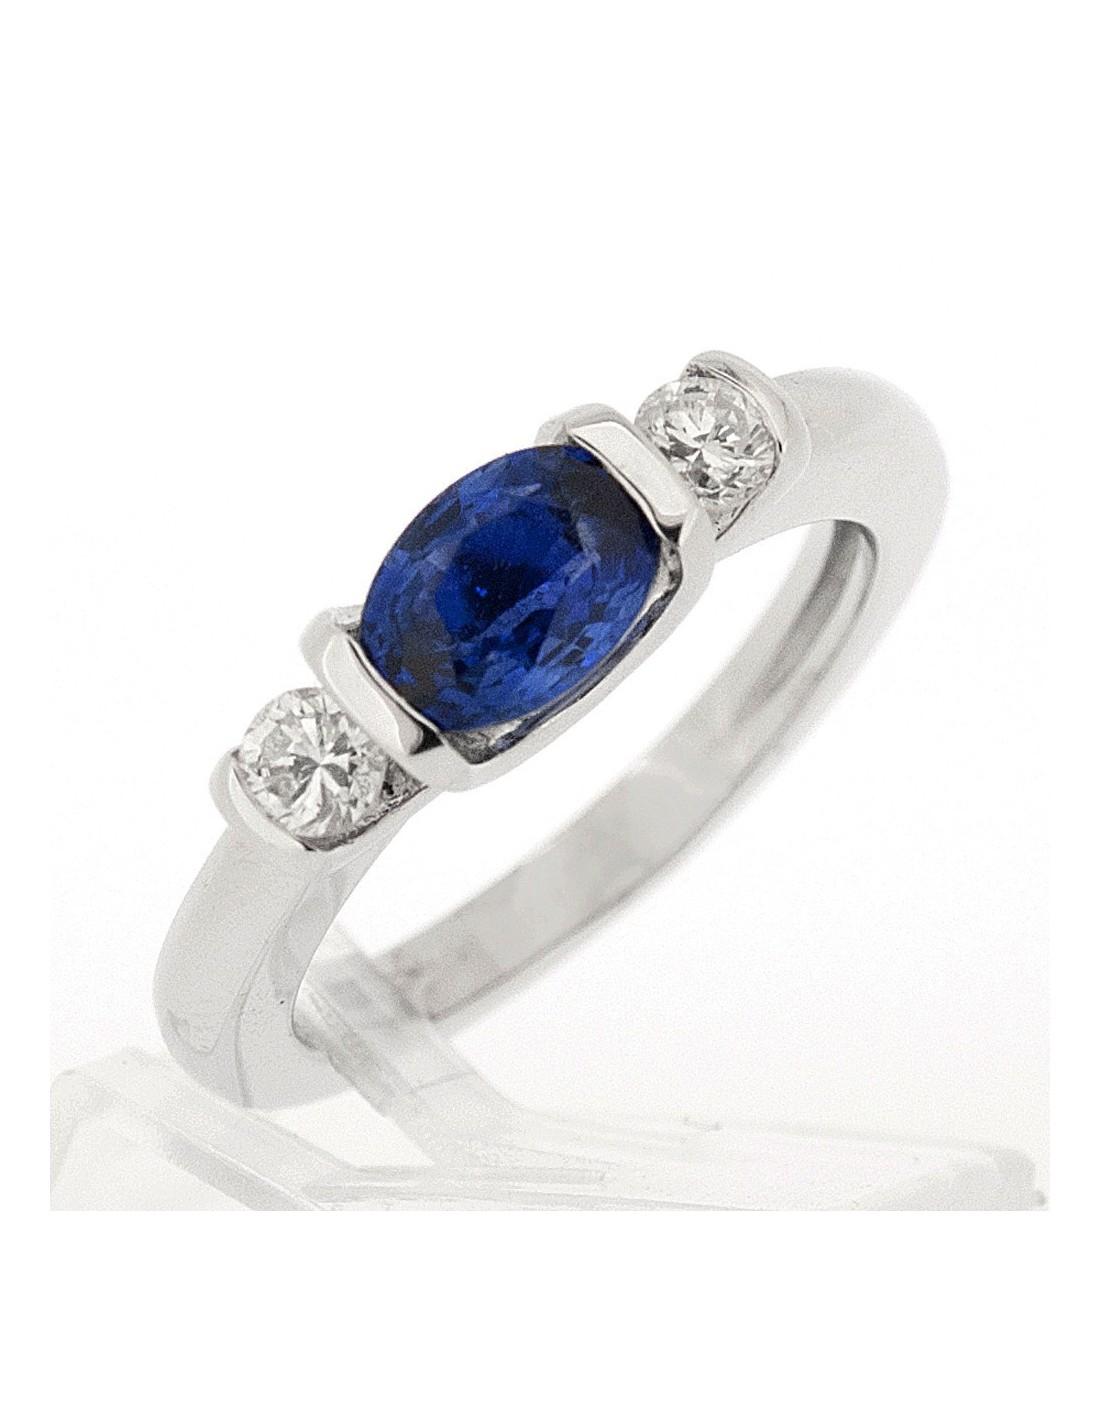 Favori Bague berceau sertie d'un saphir oavel et de deux diamants sertis  CO95